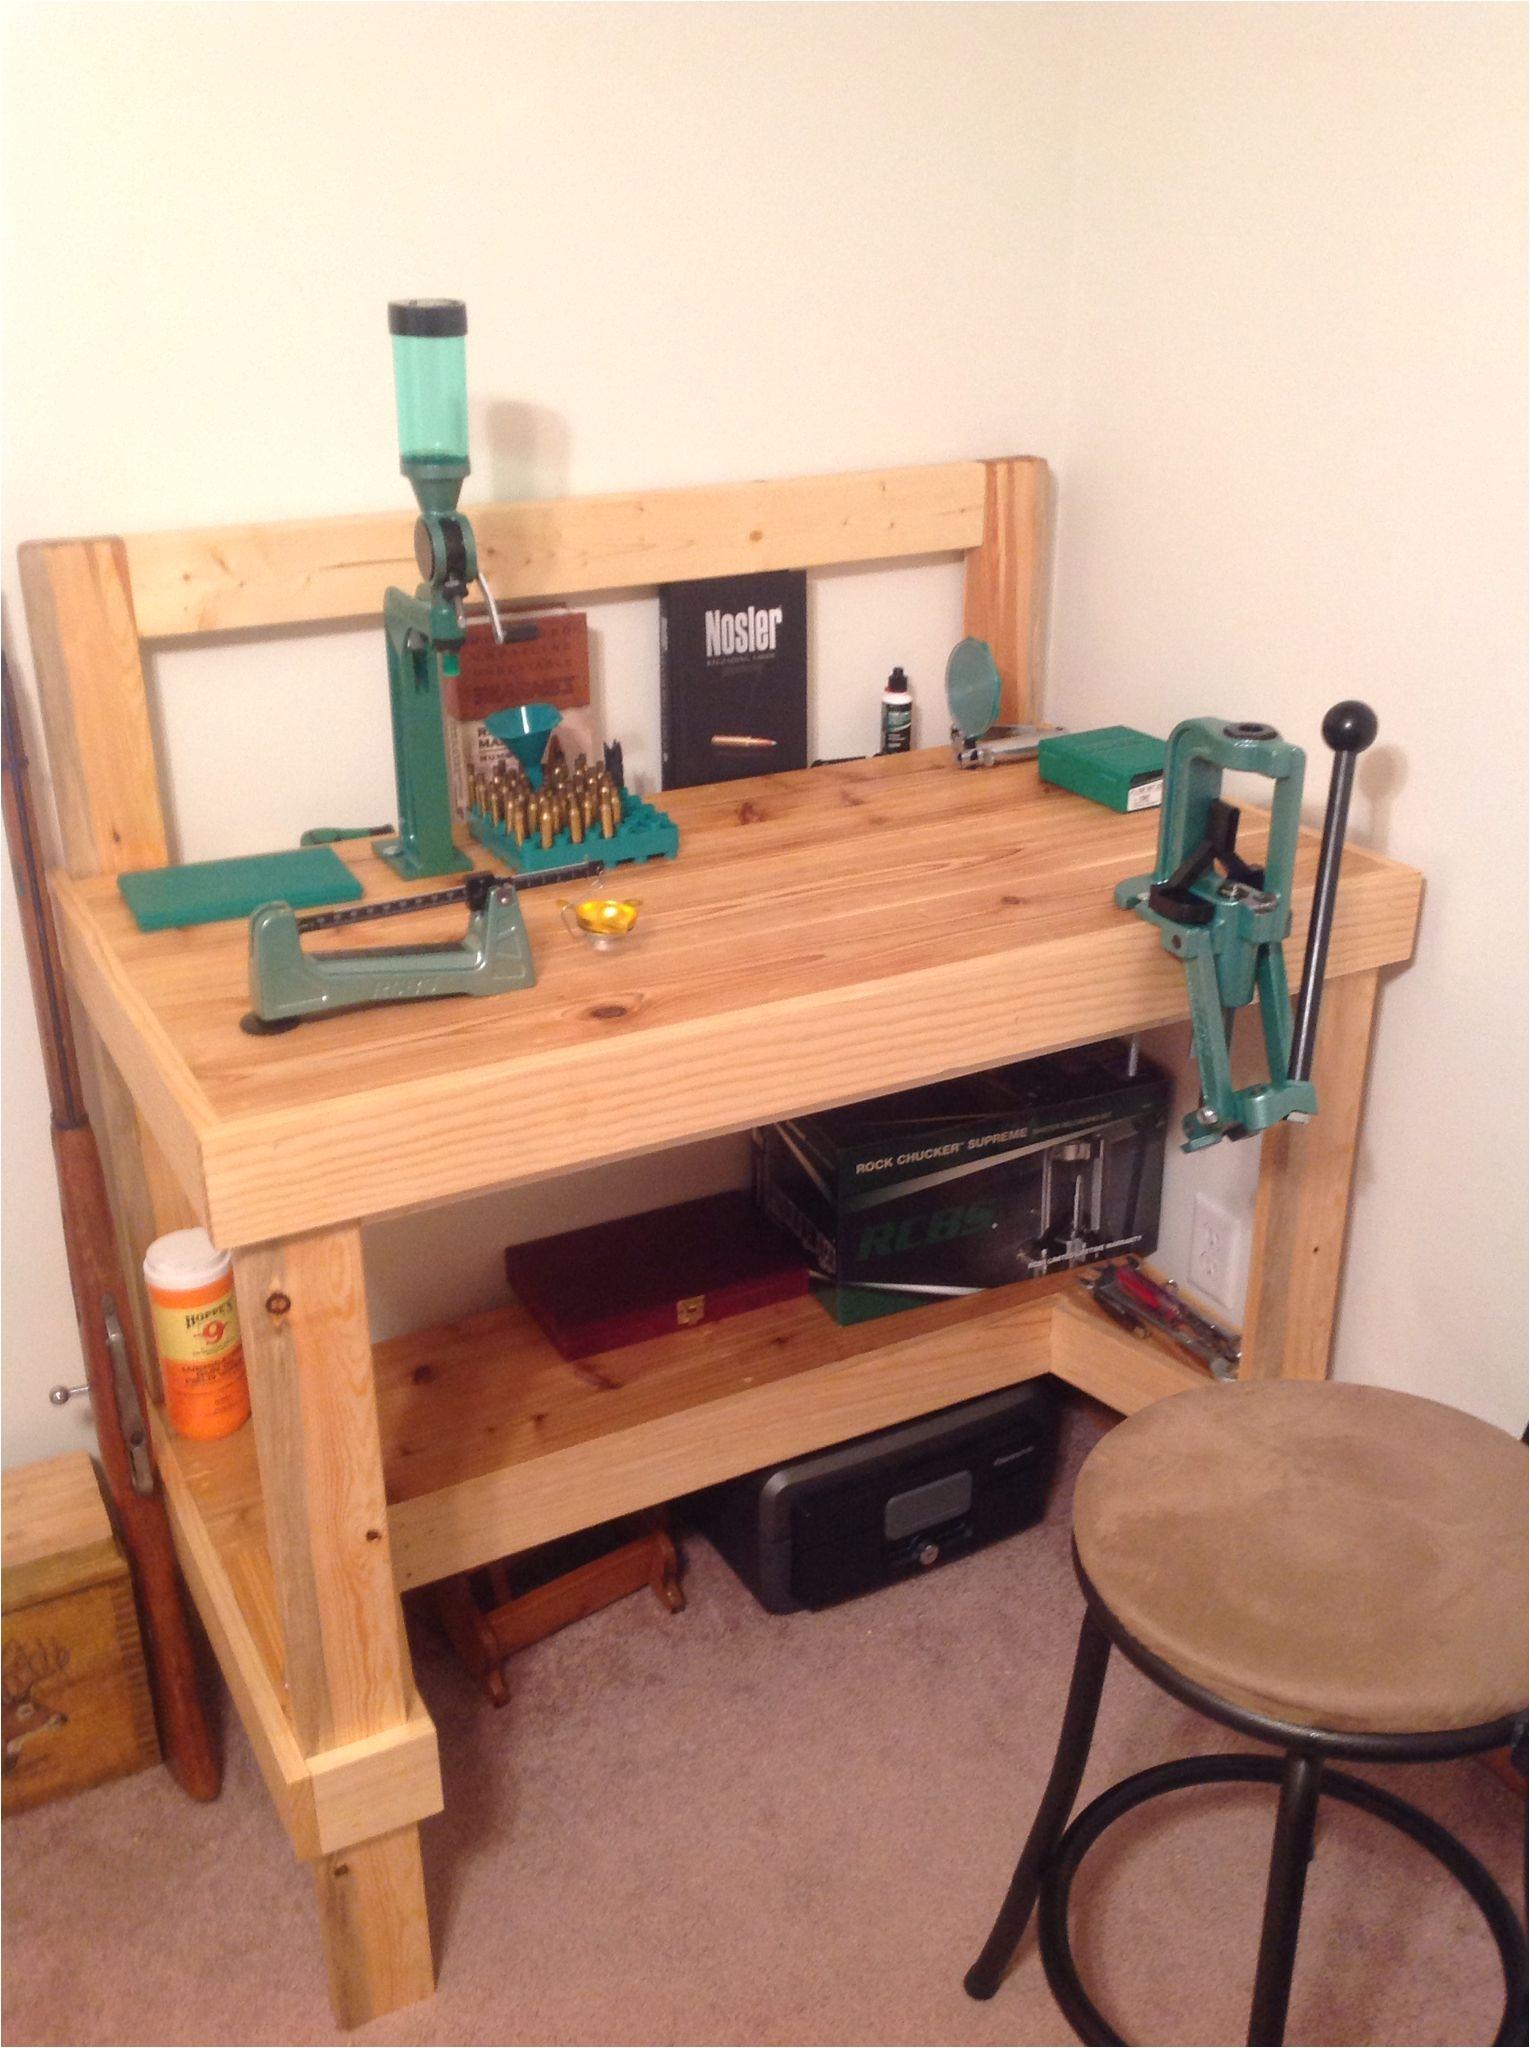 my reloading bench reloading table reloading bench plans woodworking bench plans reloading room